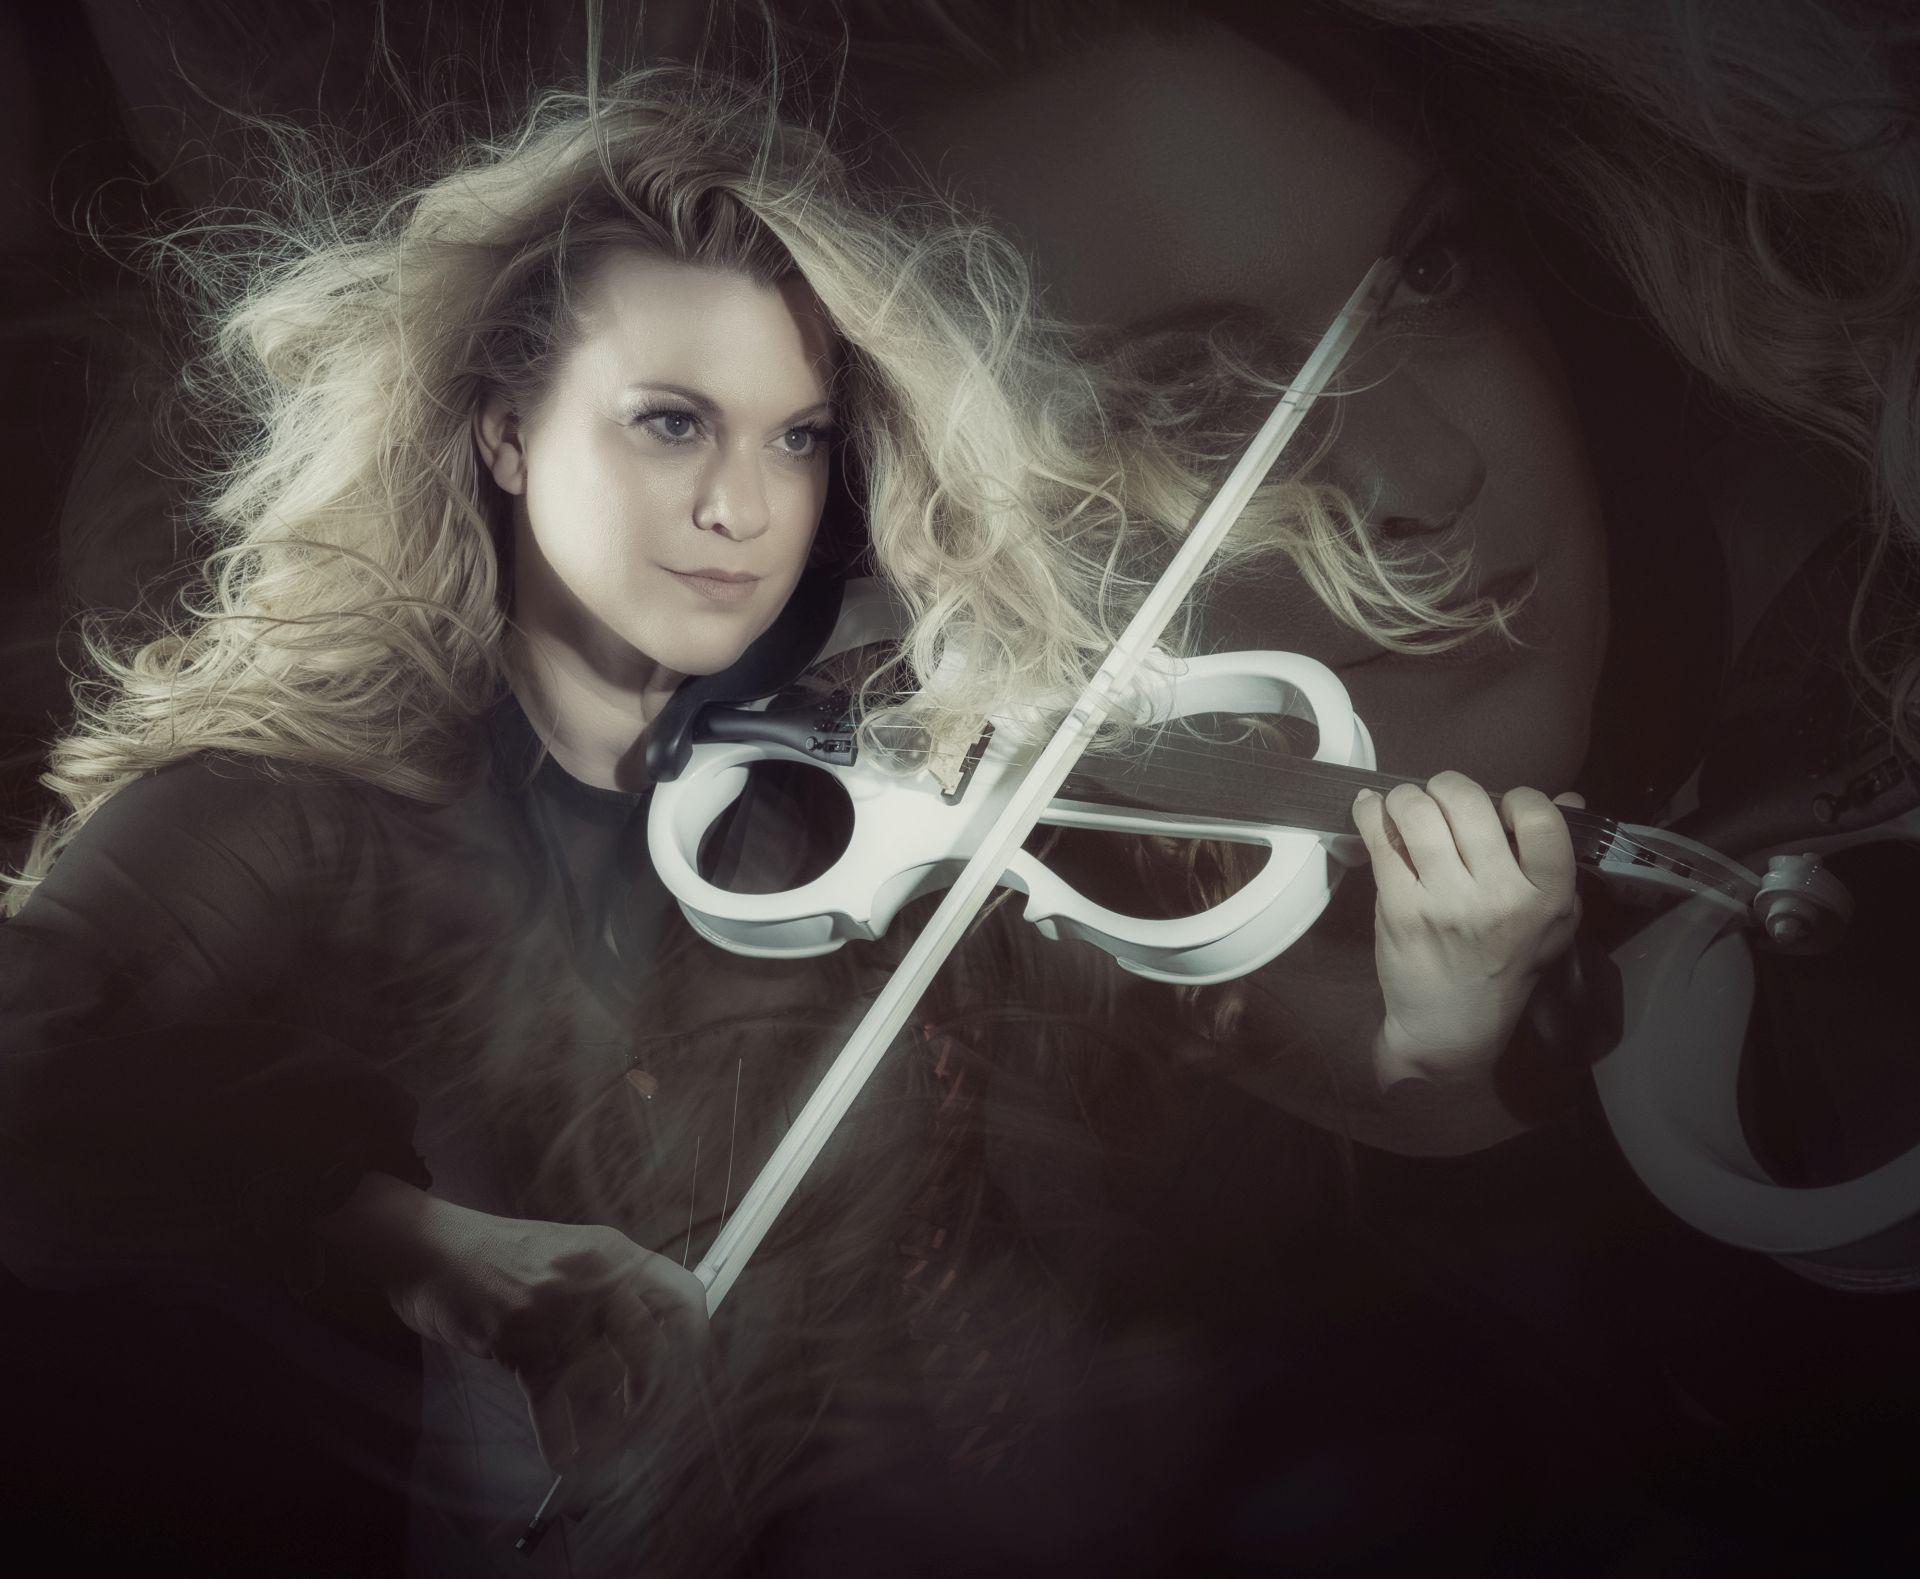 Höhepunkt der Veranstaltung ist das Konzert der virtuosen Geigerin Katrin Wettin. Sie bringt ihr eigenes Orchester, The Classic Sounds, mit. © Promo